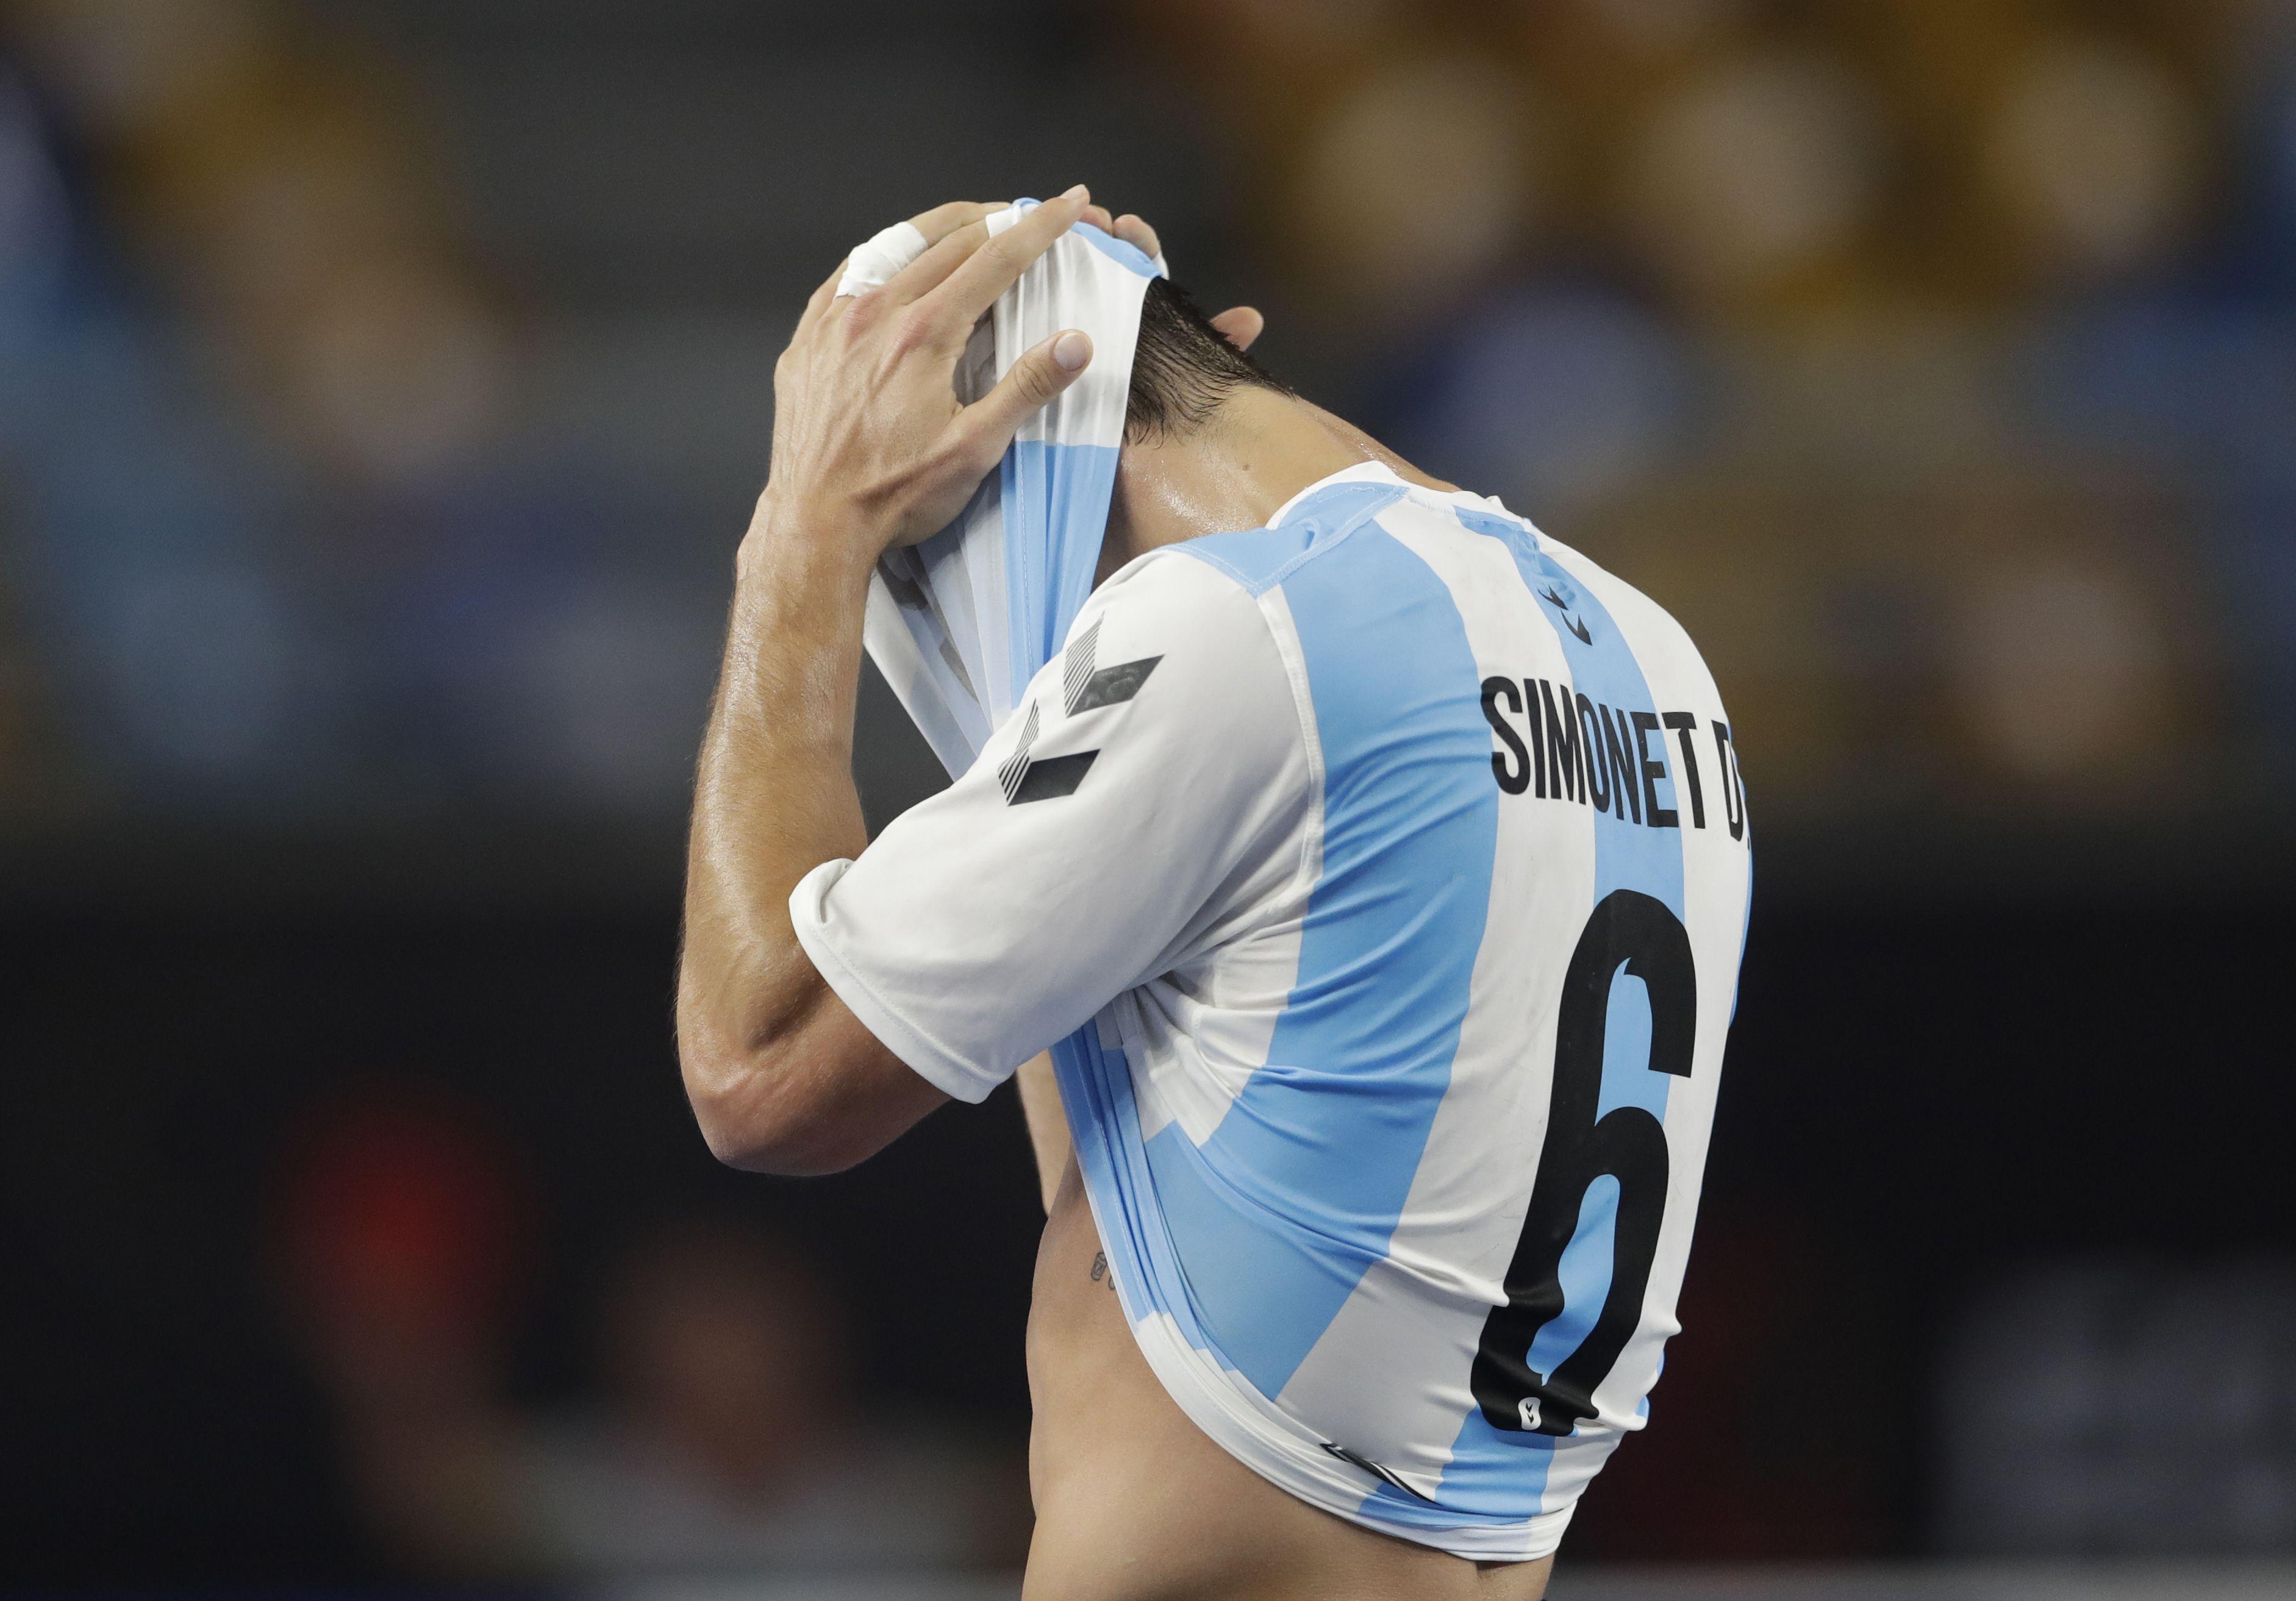 """diego-simonet,-el-artista-del-handball-argentino-que-creo-su-propio-juego-de-mesa-y-piensa-en-tokio:-""""los-franceses-nos-tienen-miedo"""""""